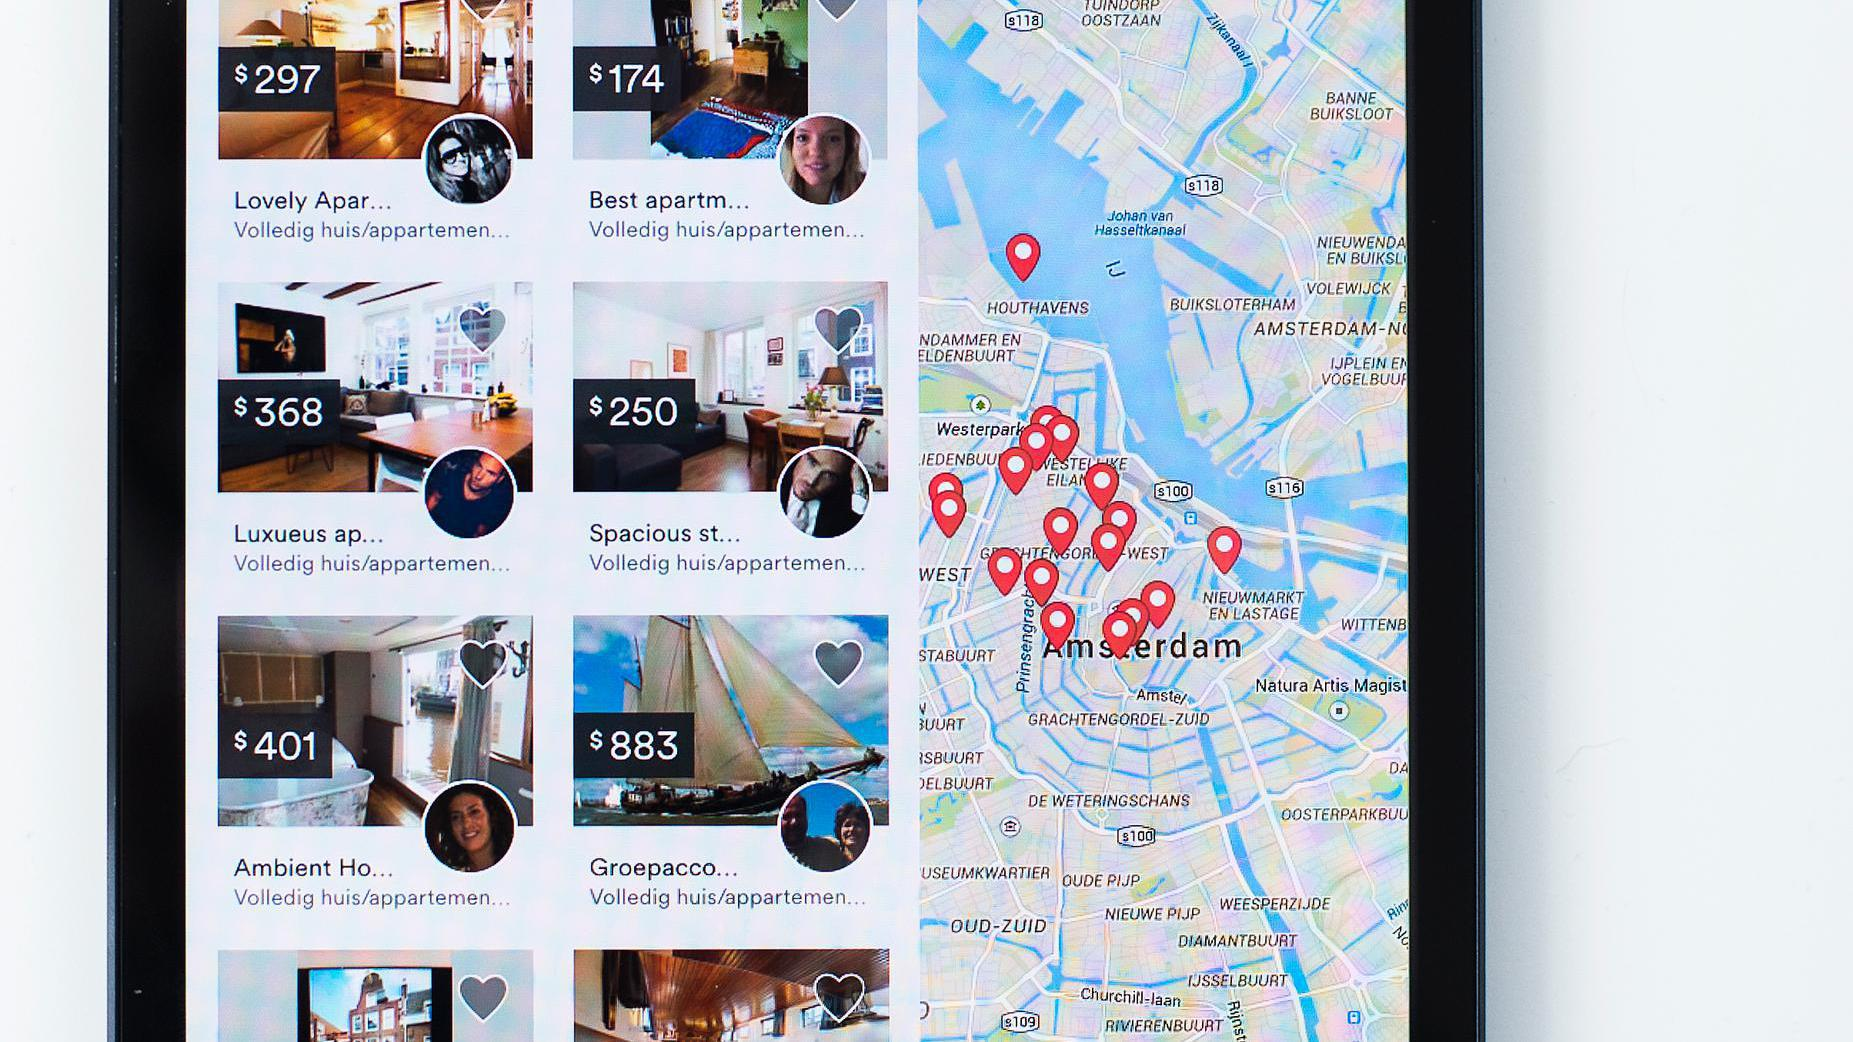 Steden vragen EU om meer inzicht in data Airbnb